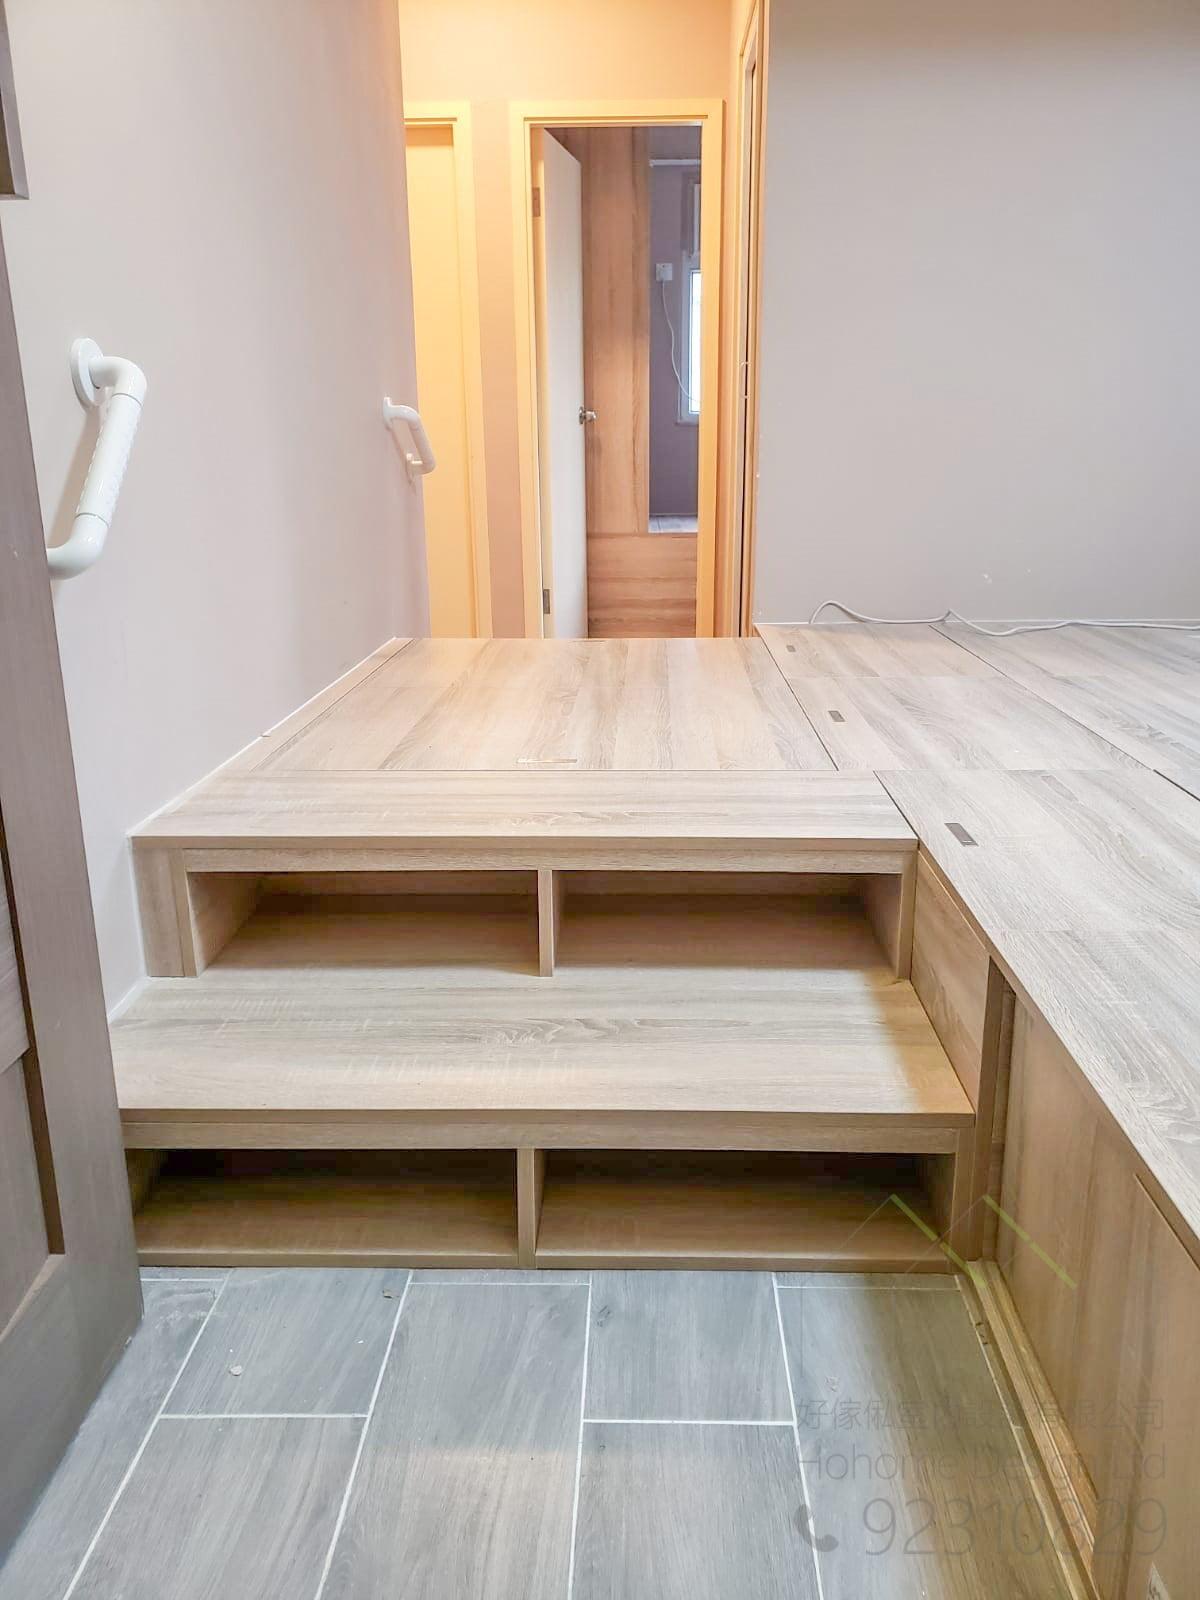 訂造安全傢俬必備的上落扶手,適合應用在訂造組合床 / 上下床 / 碌架床及榻榻米或其他由我們設計師建議的訂造傢俬之上